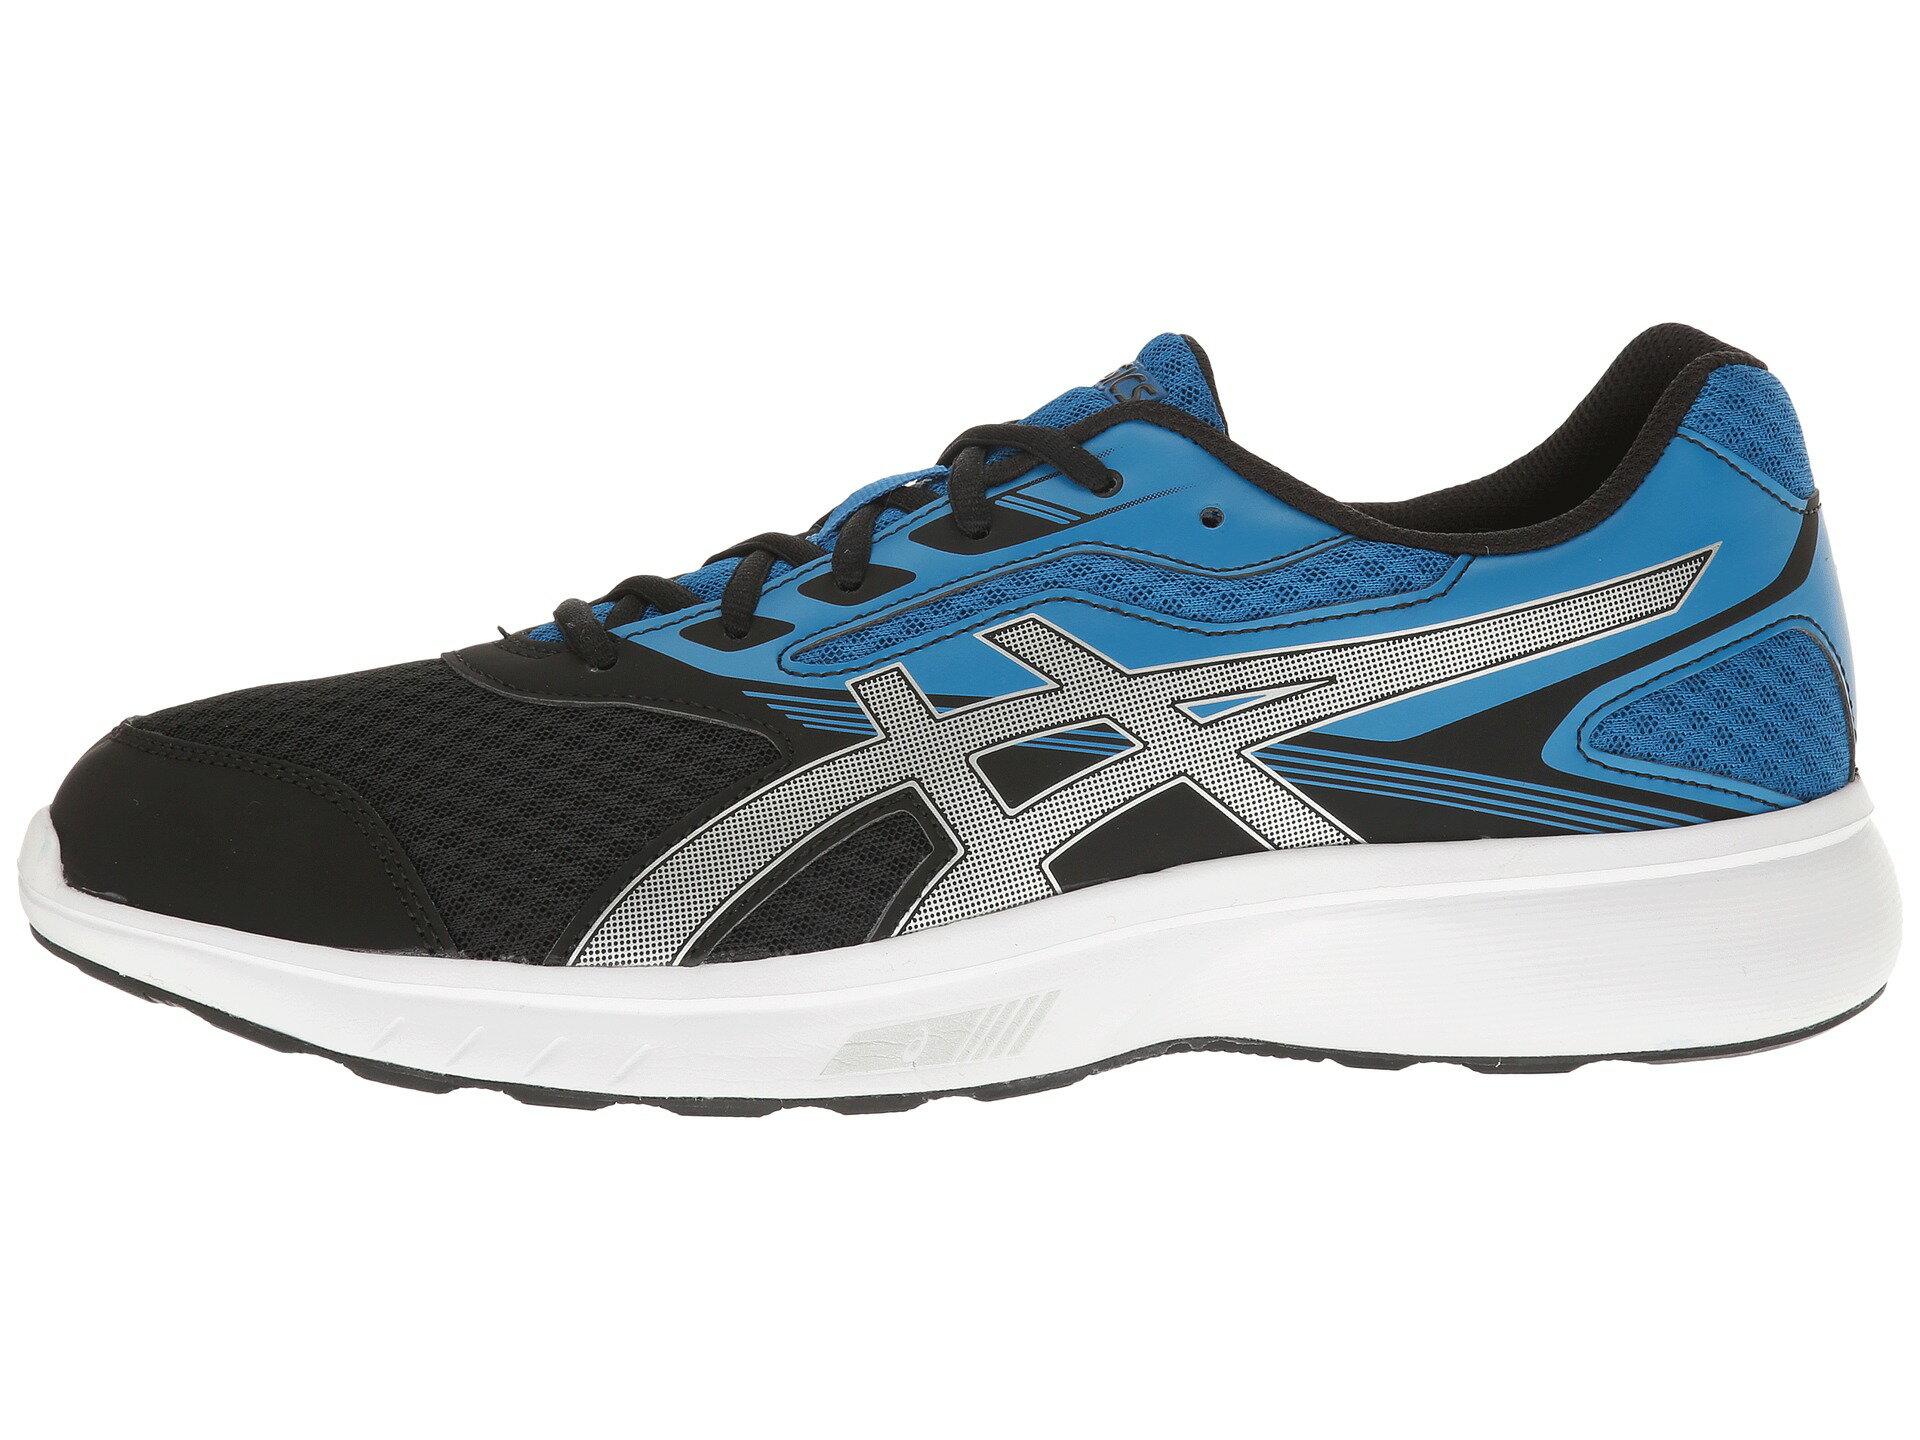 ASICS Men's Stormer Running Shoes T741S